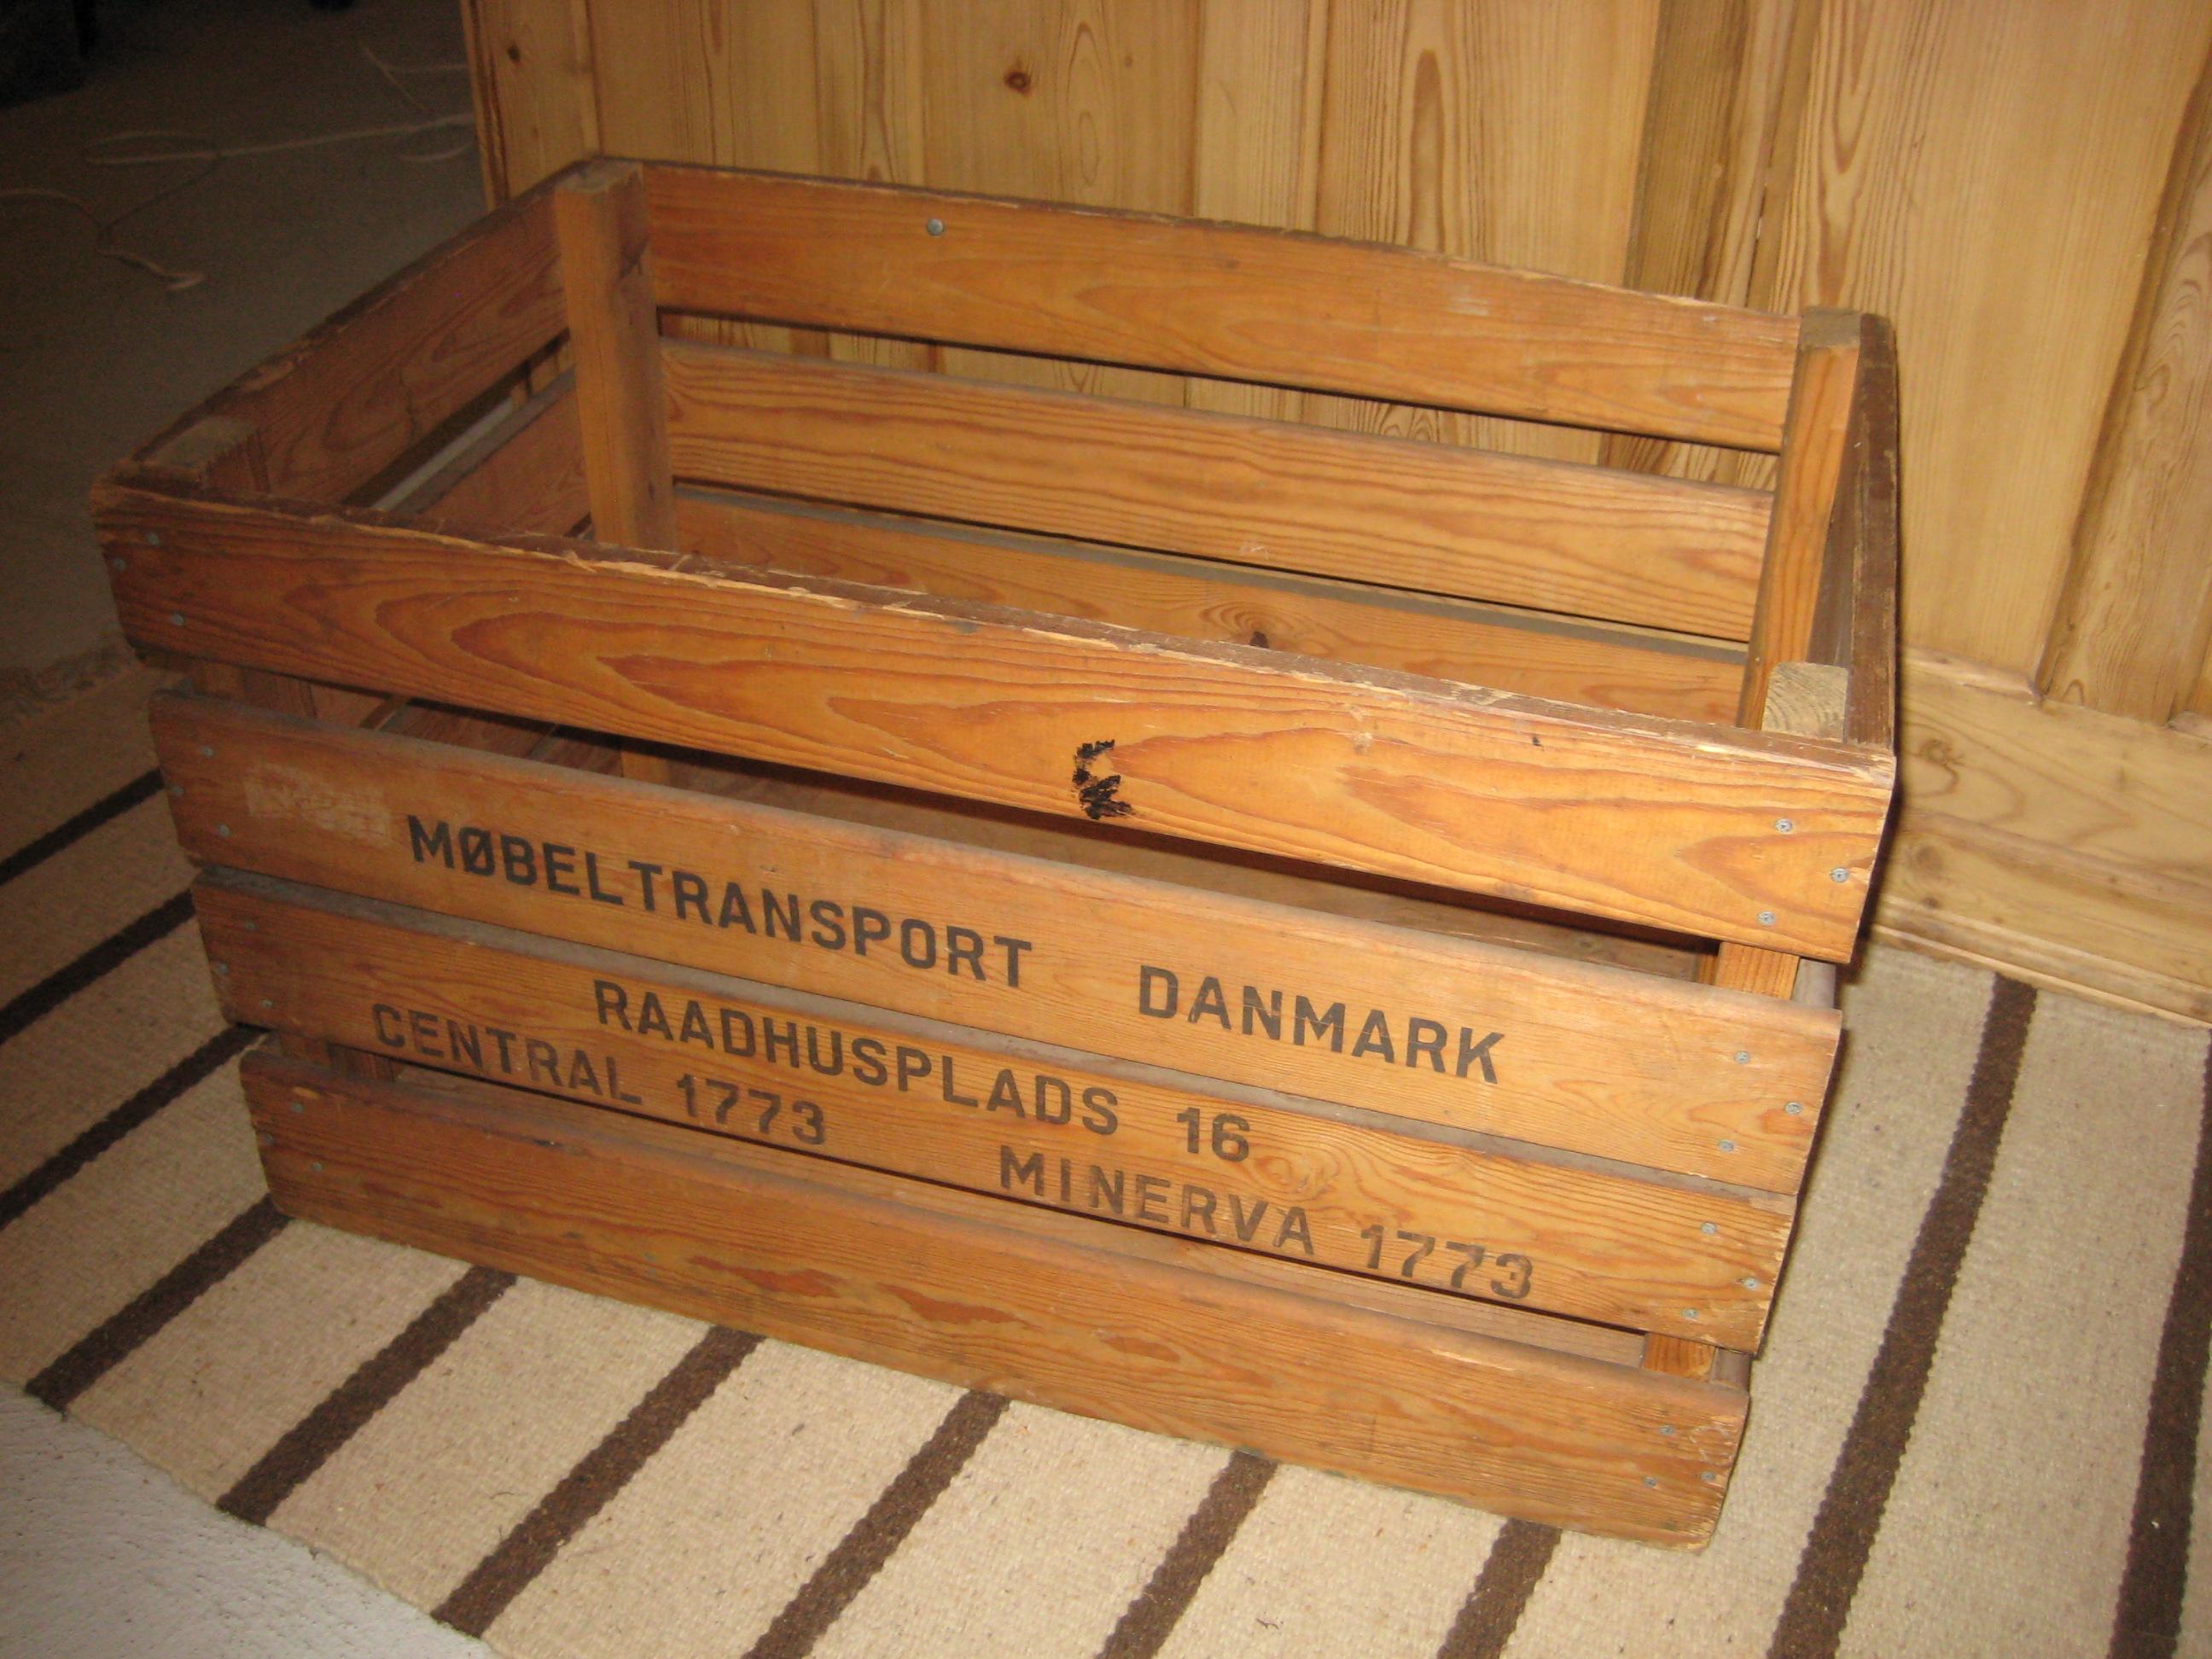 Flyttekasse Møbeltransport Danmark